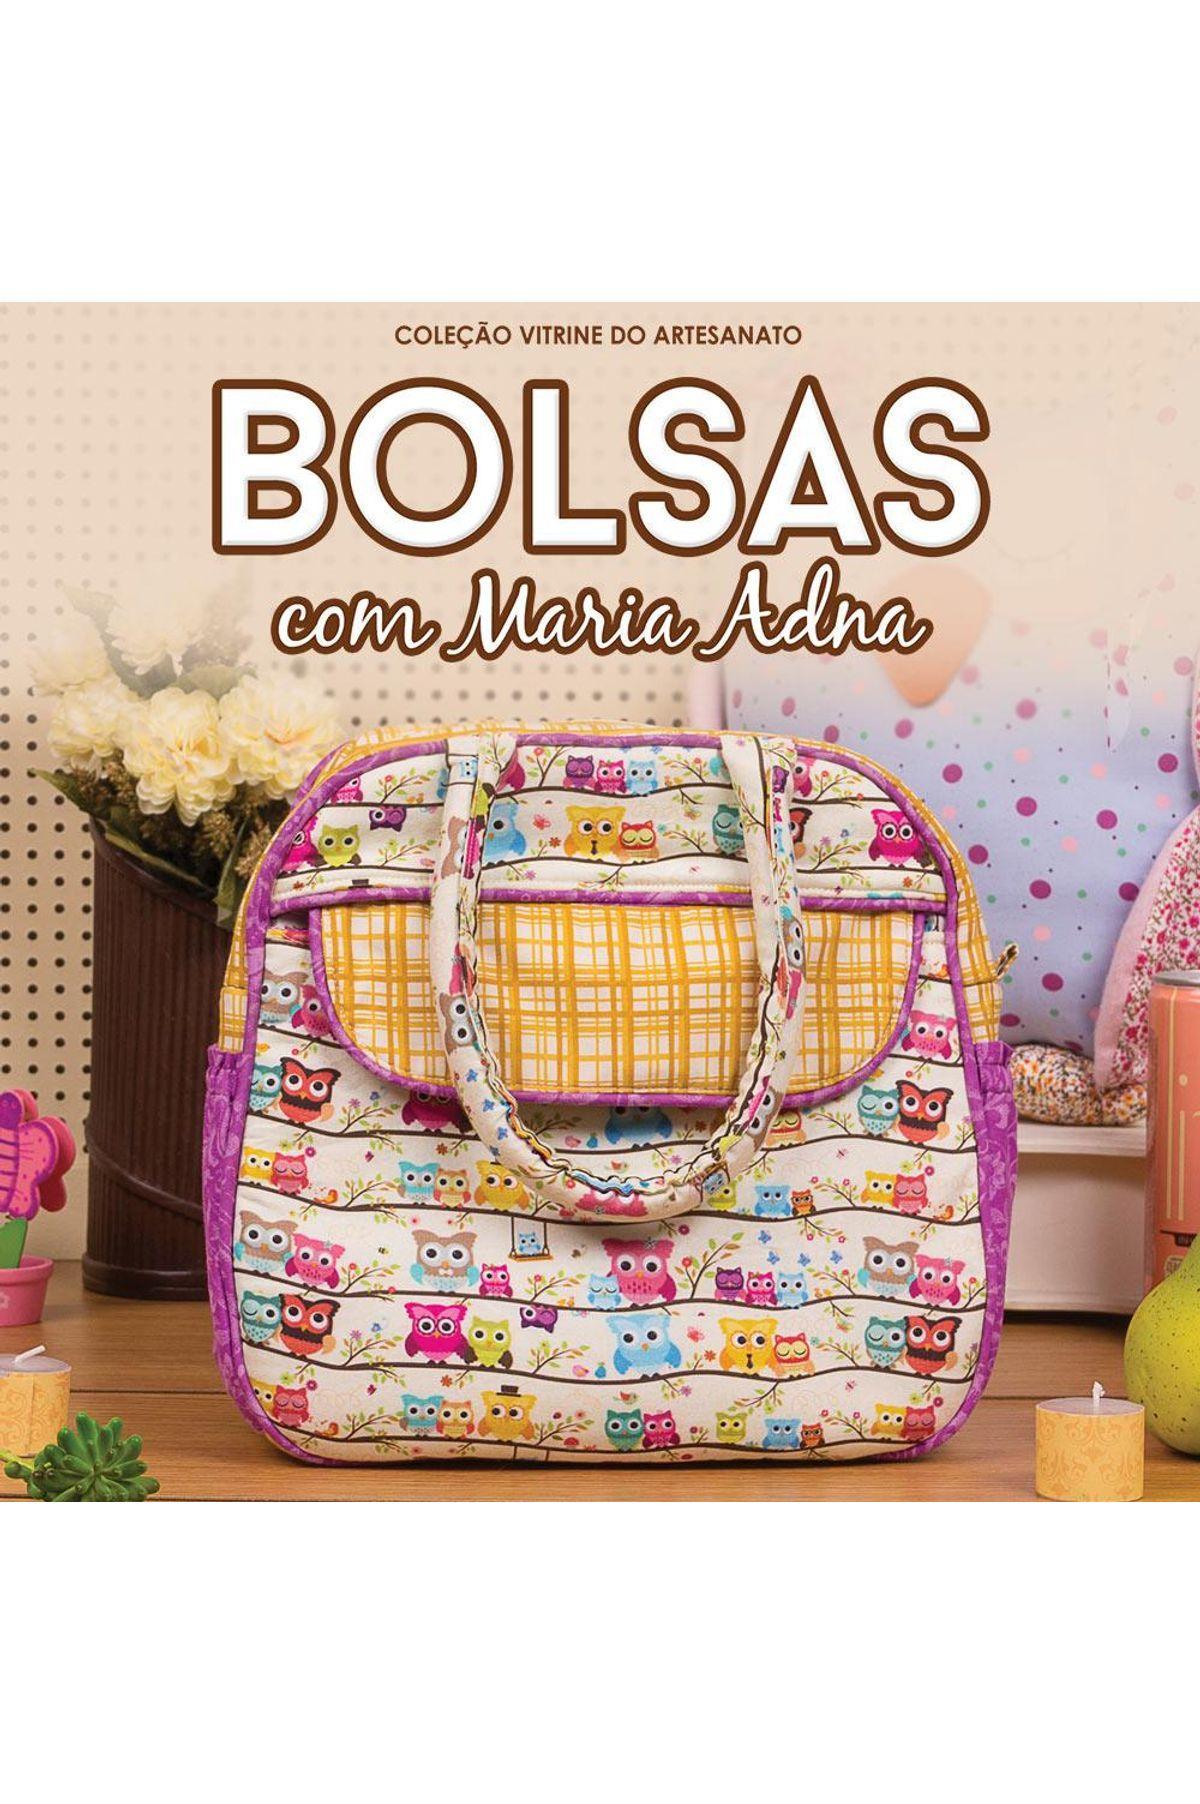 1162a9933 Curso Online Bolsas com Maria Adna Vitrine do Artesanato ...